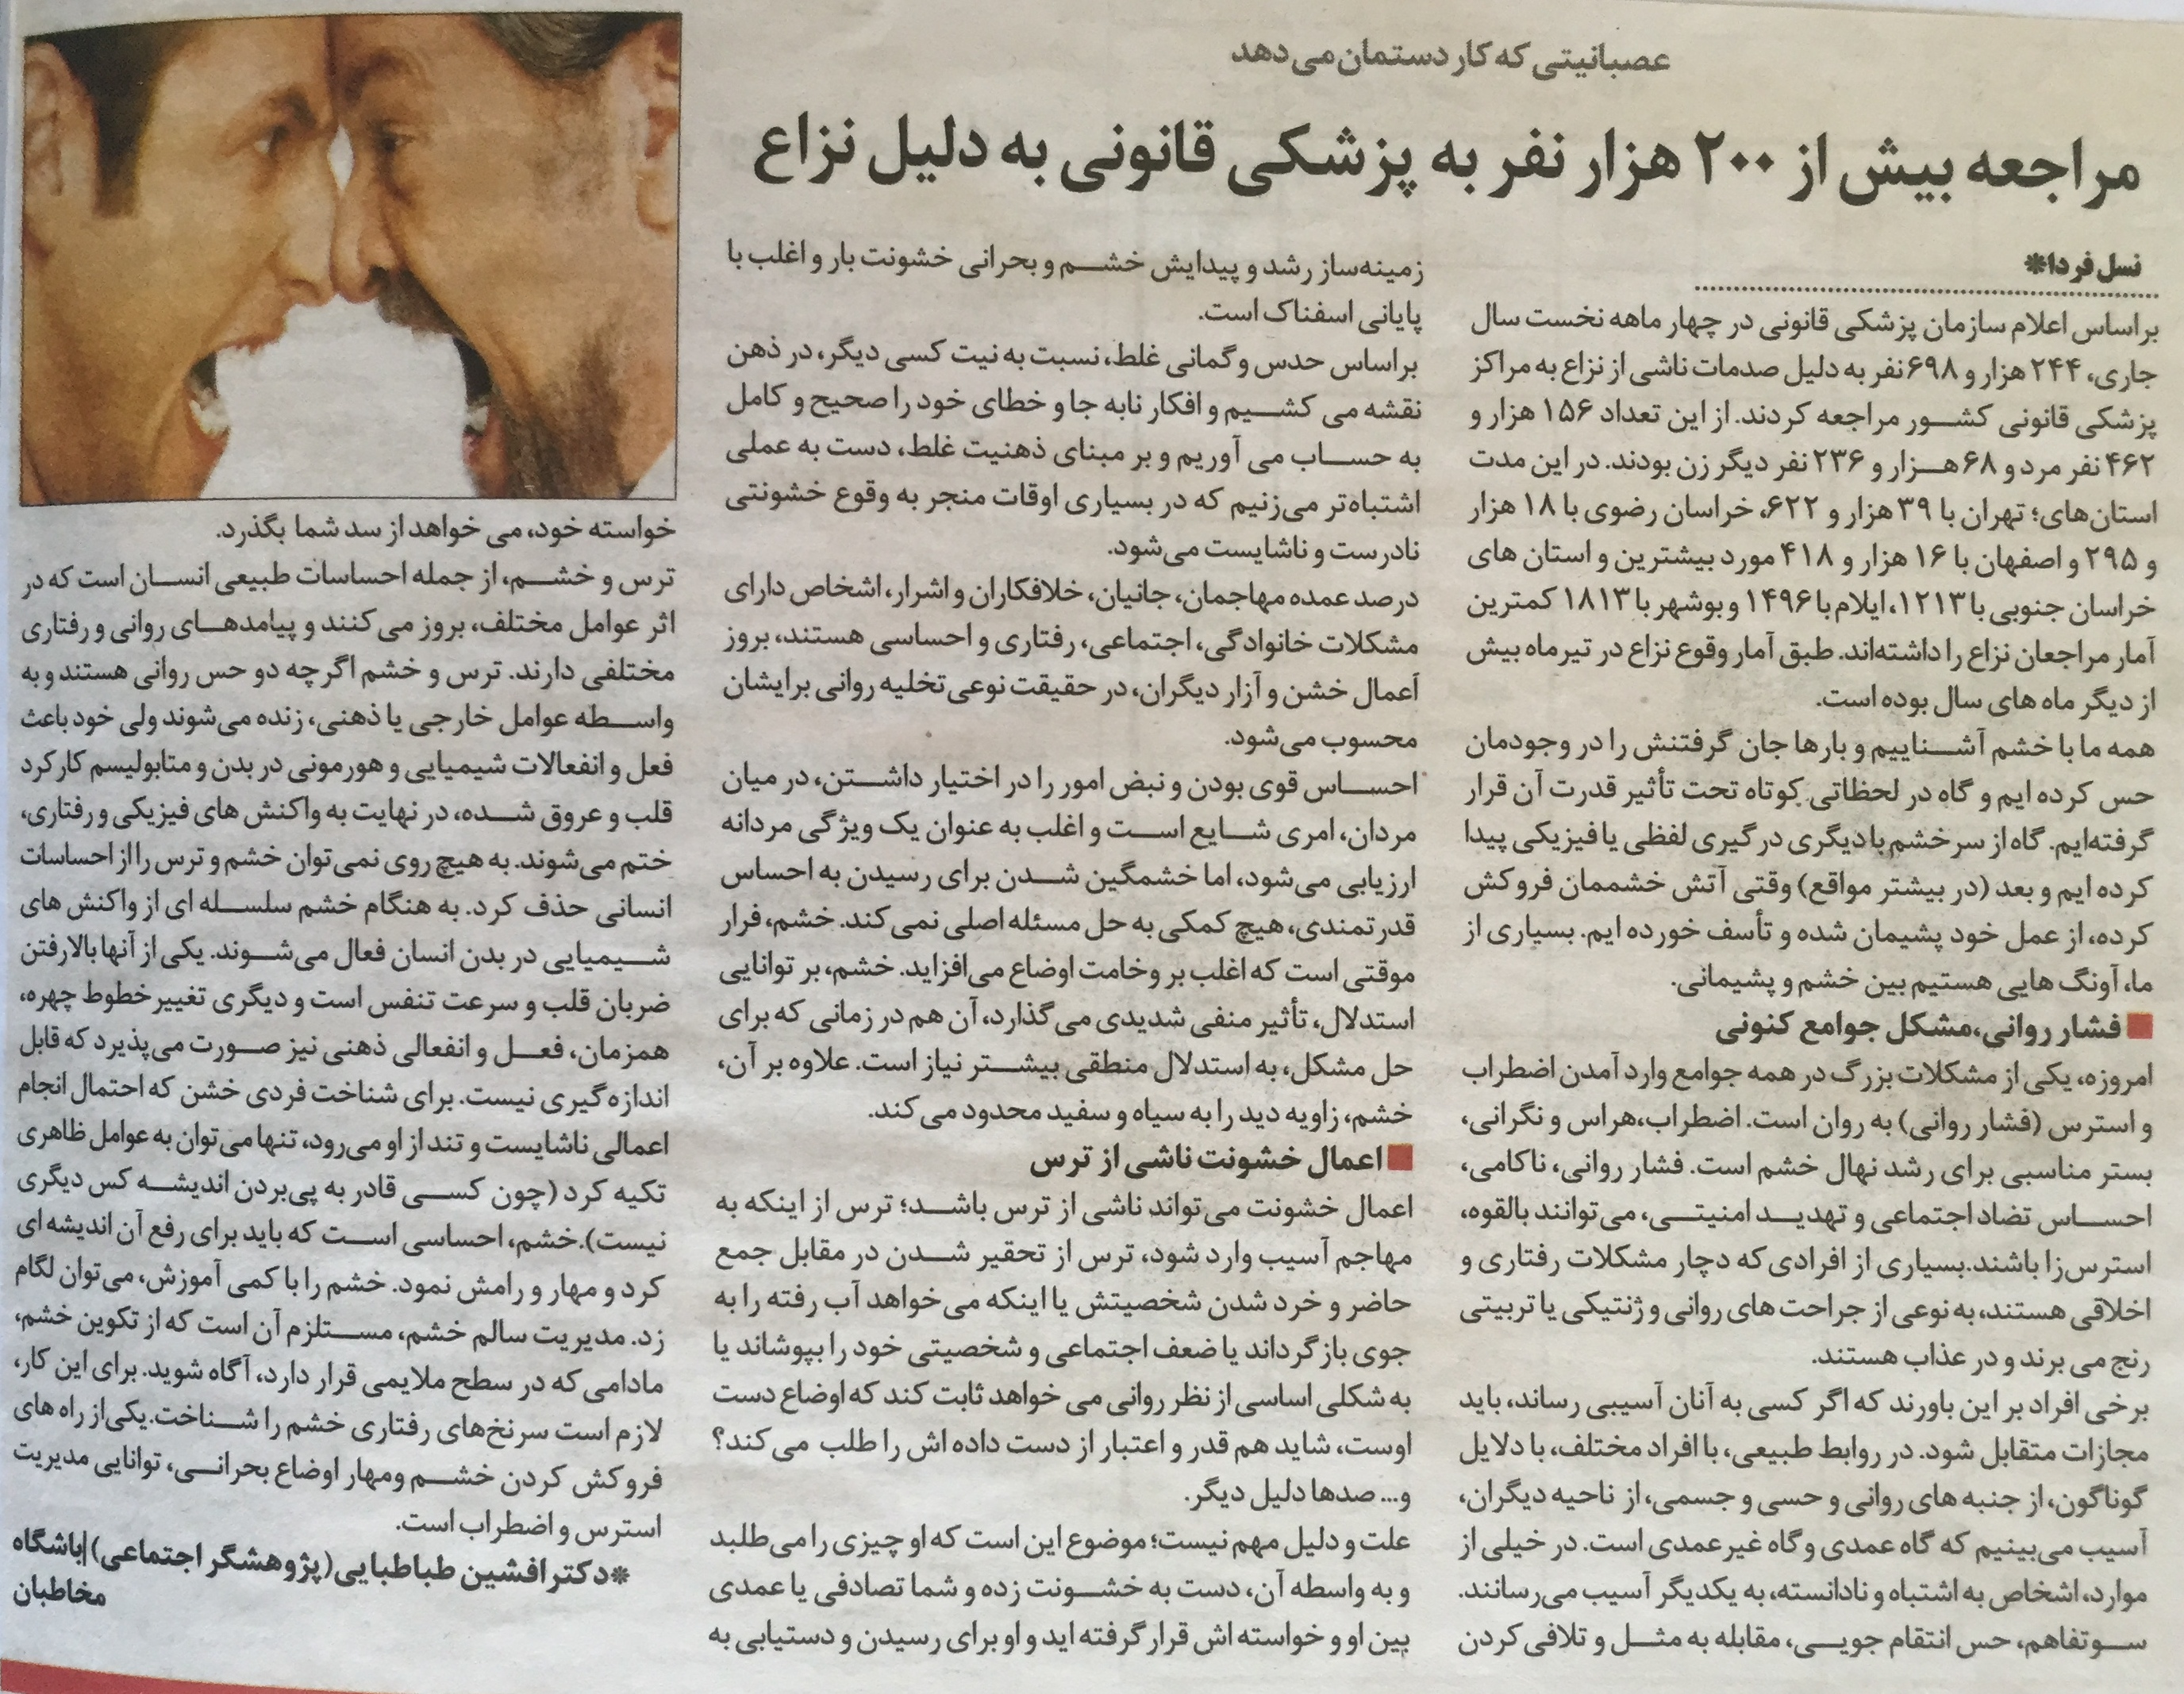 روزنامه: عصبانیتی که کار دستمان میدهد - دکتر طباطبایی